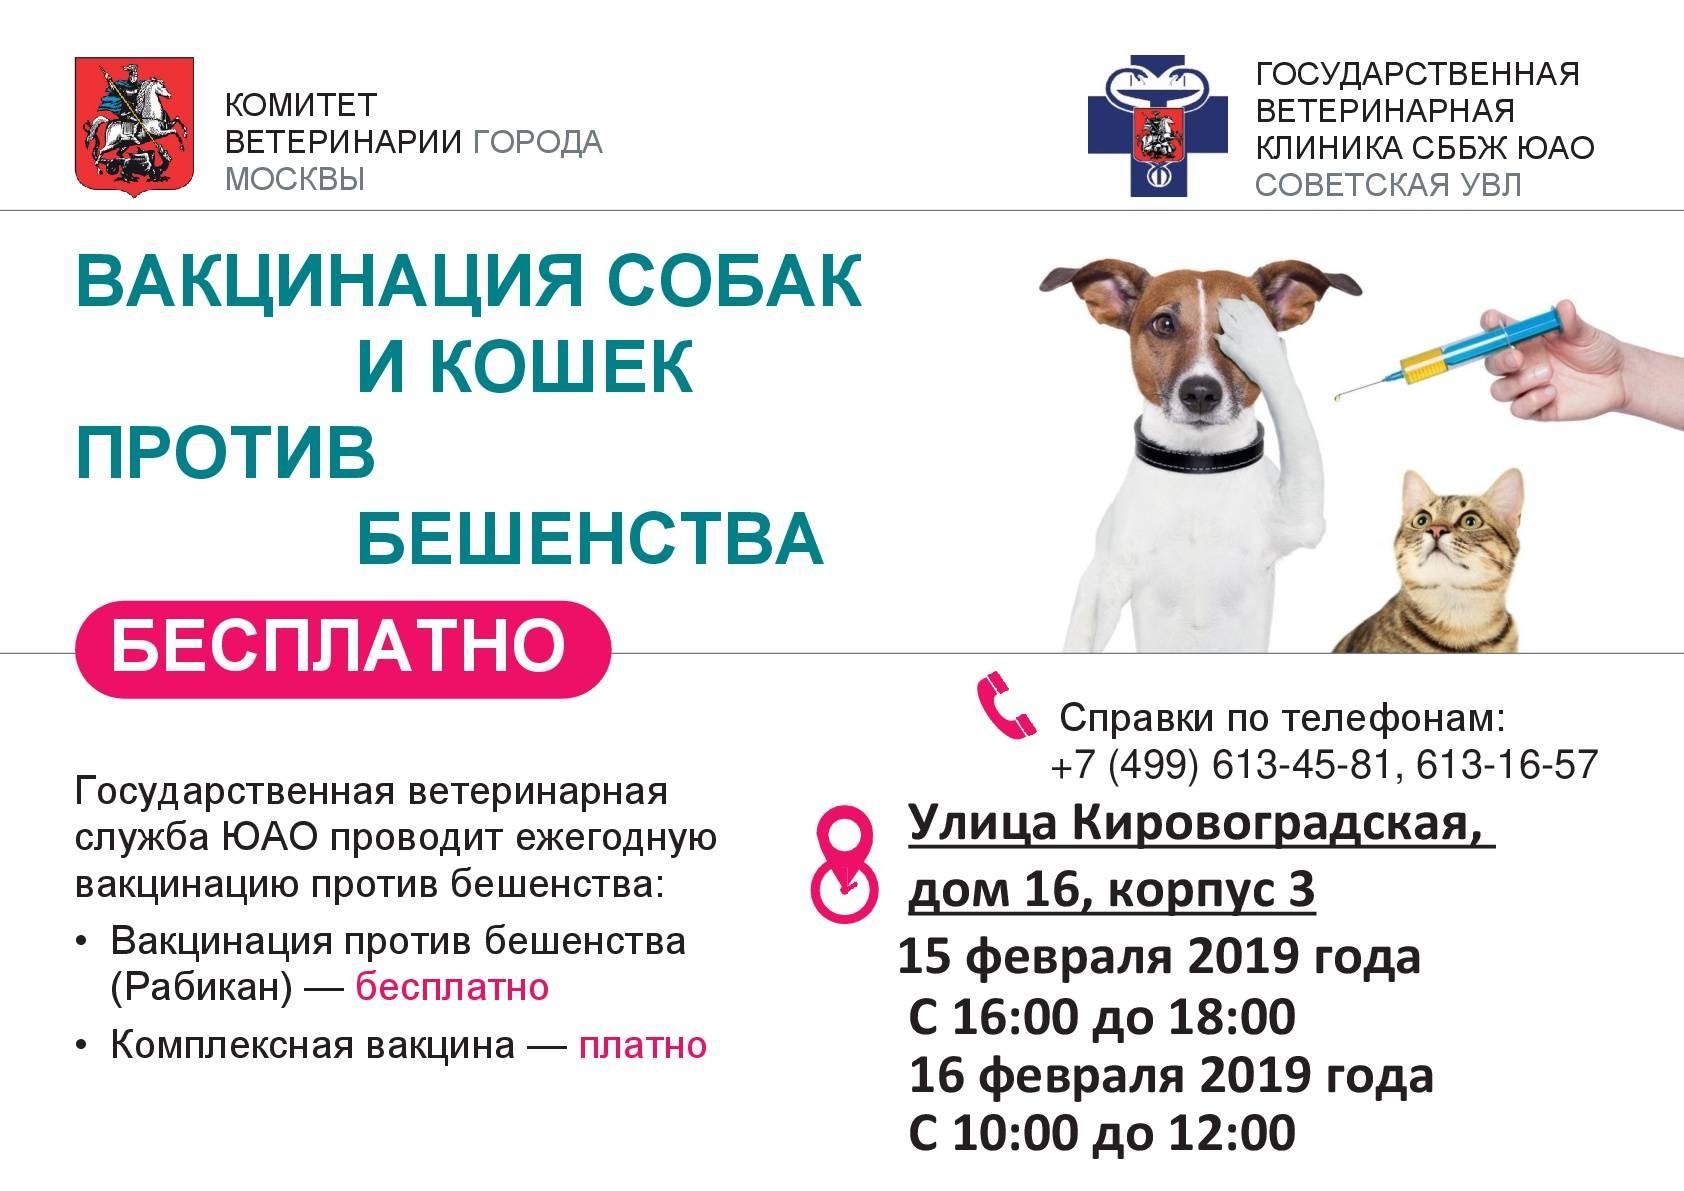 Прививаем кошку от бешенства: виды вакцин, влияние на организм кота, сроки проведения прививок и стоимость